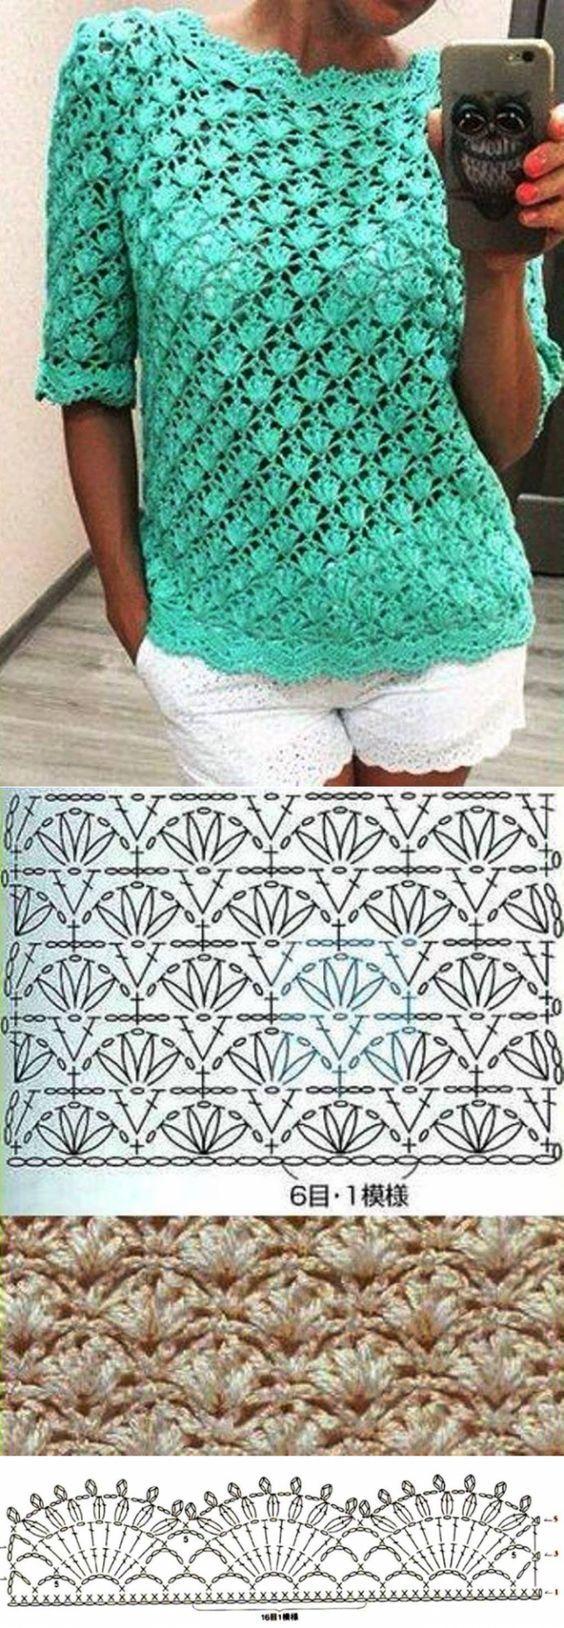 127 best crochet design by hand images on Pinterest | Crochet ...